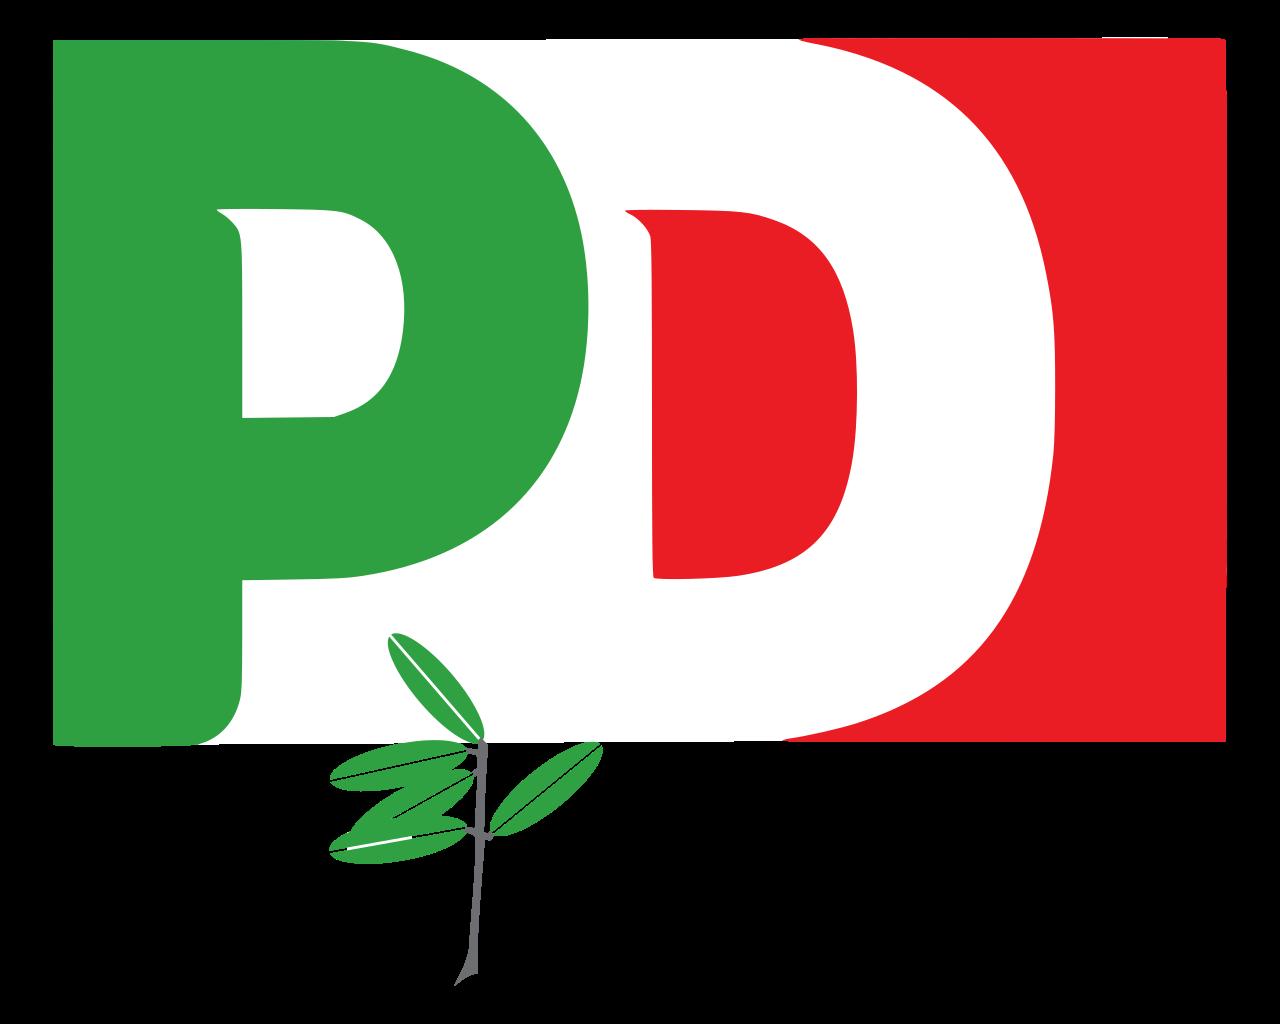 Primarie Pd, data posticipata a marzo 2019